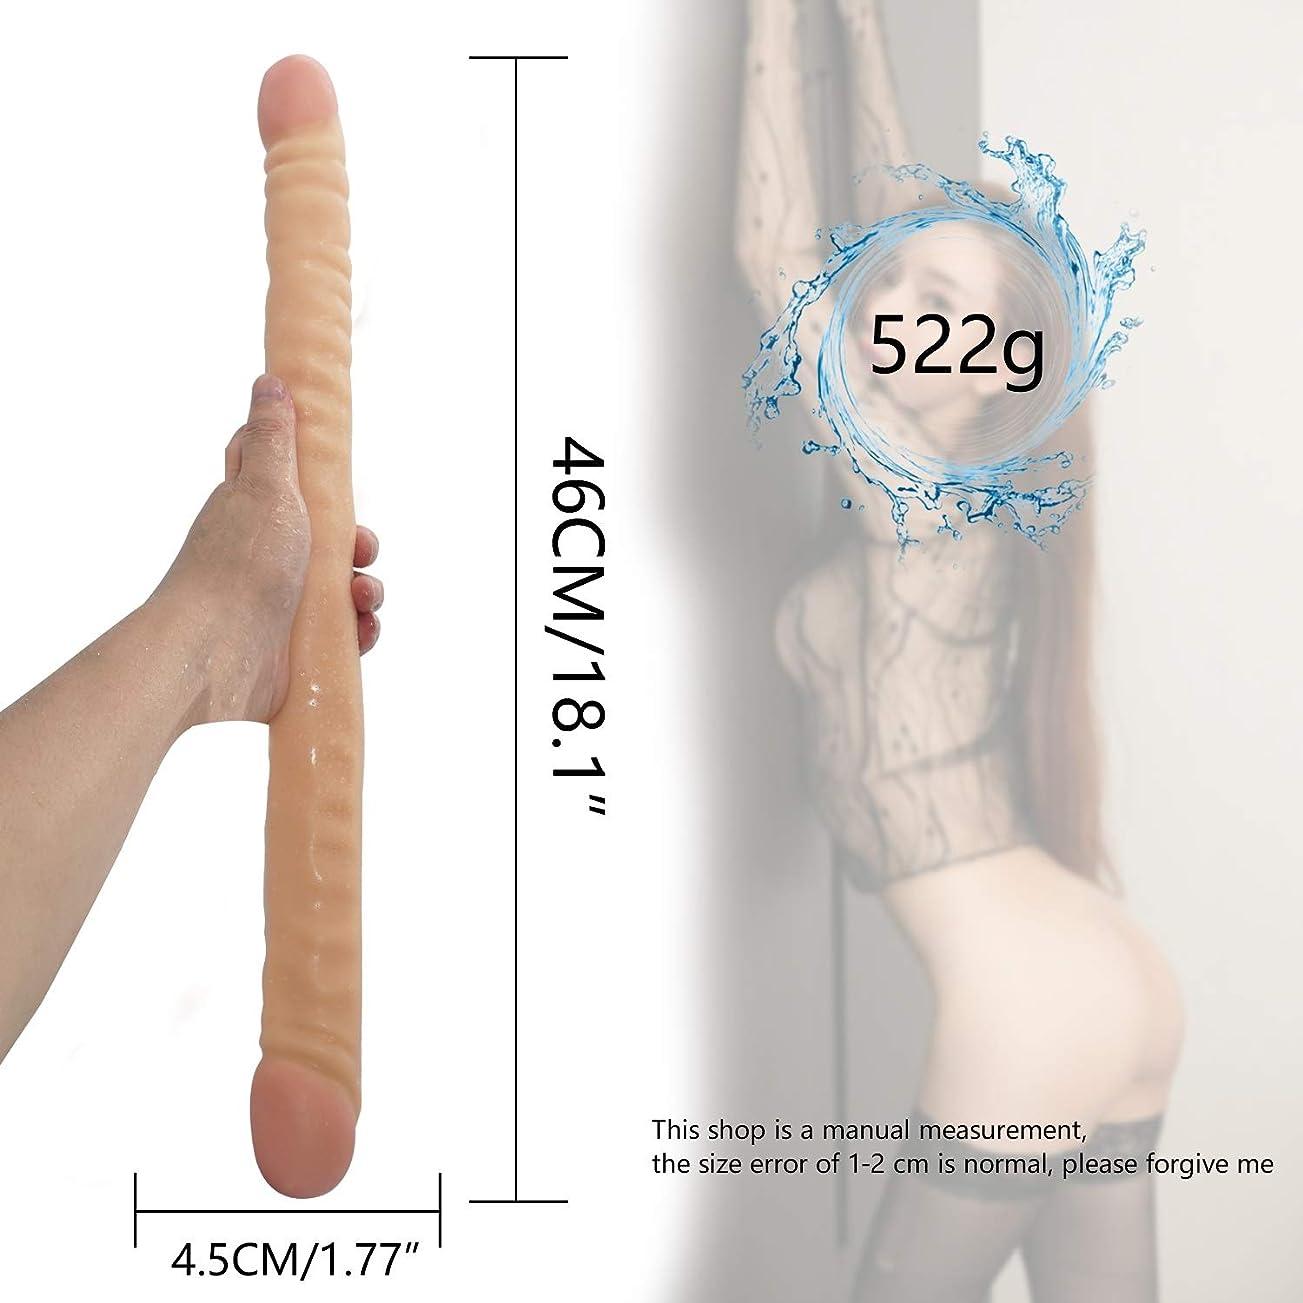 実行匹敵します残り物ペニス 18.1インチ女性用健康材料(肌)の完璧なサイズのダブルエンド頭の女性個人マッサージ杖 マッサージャー